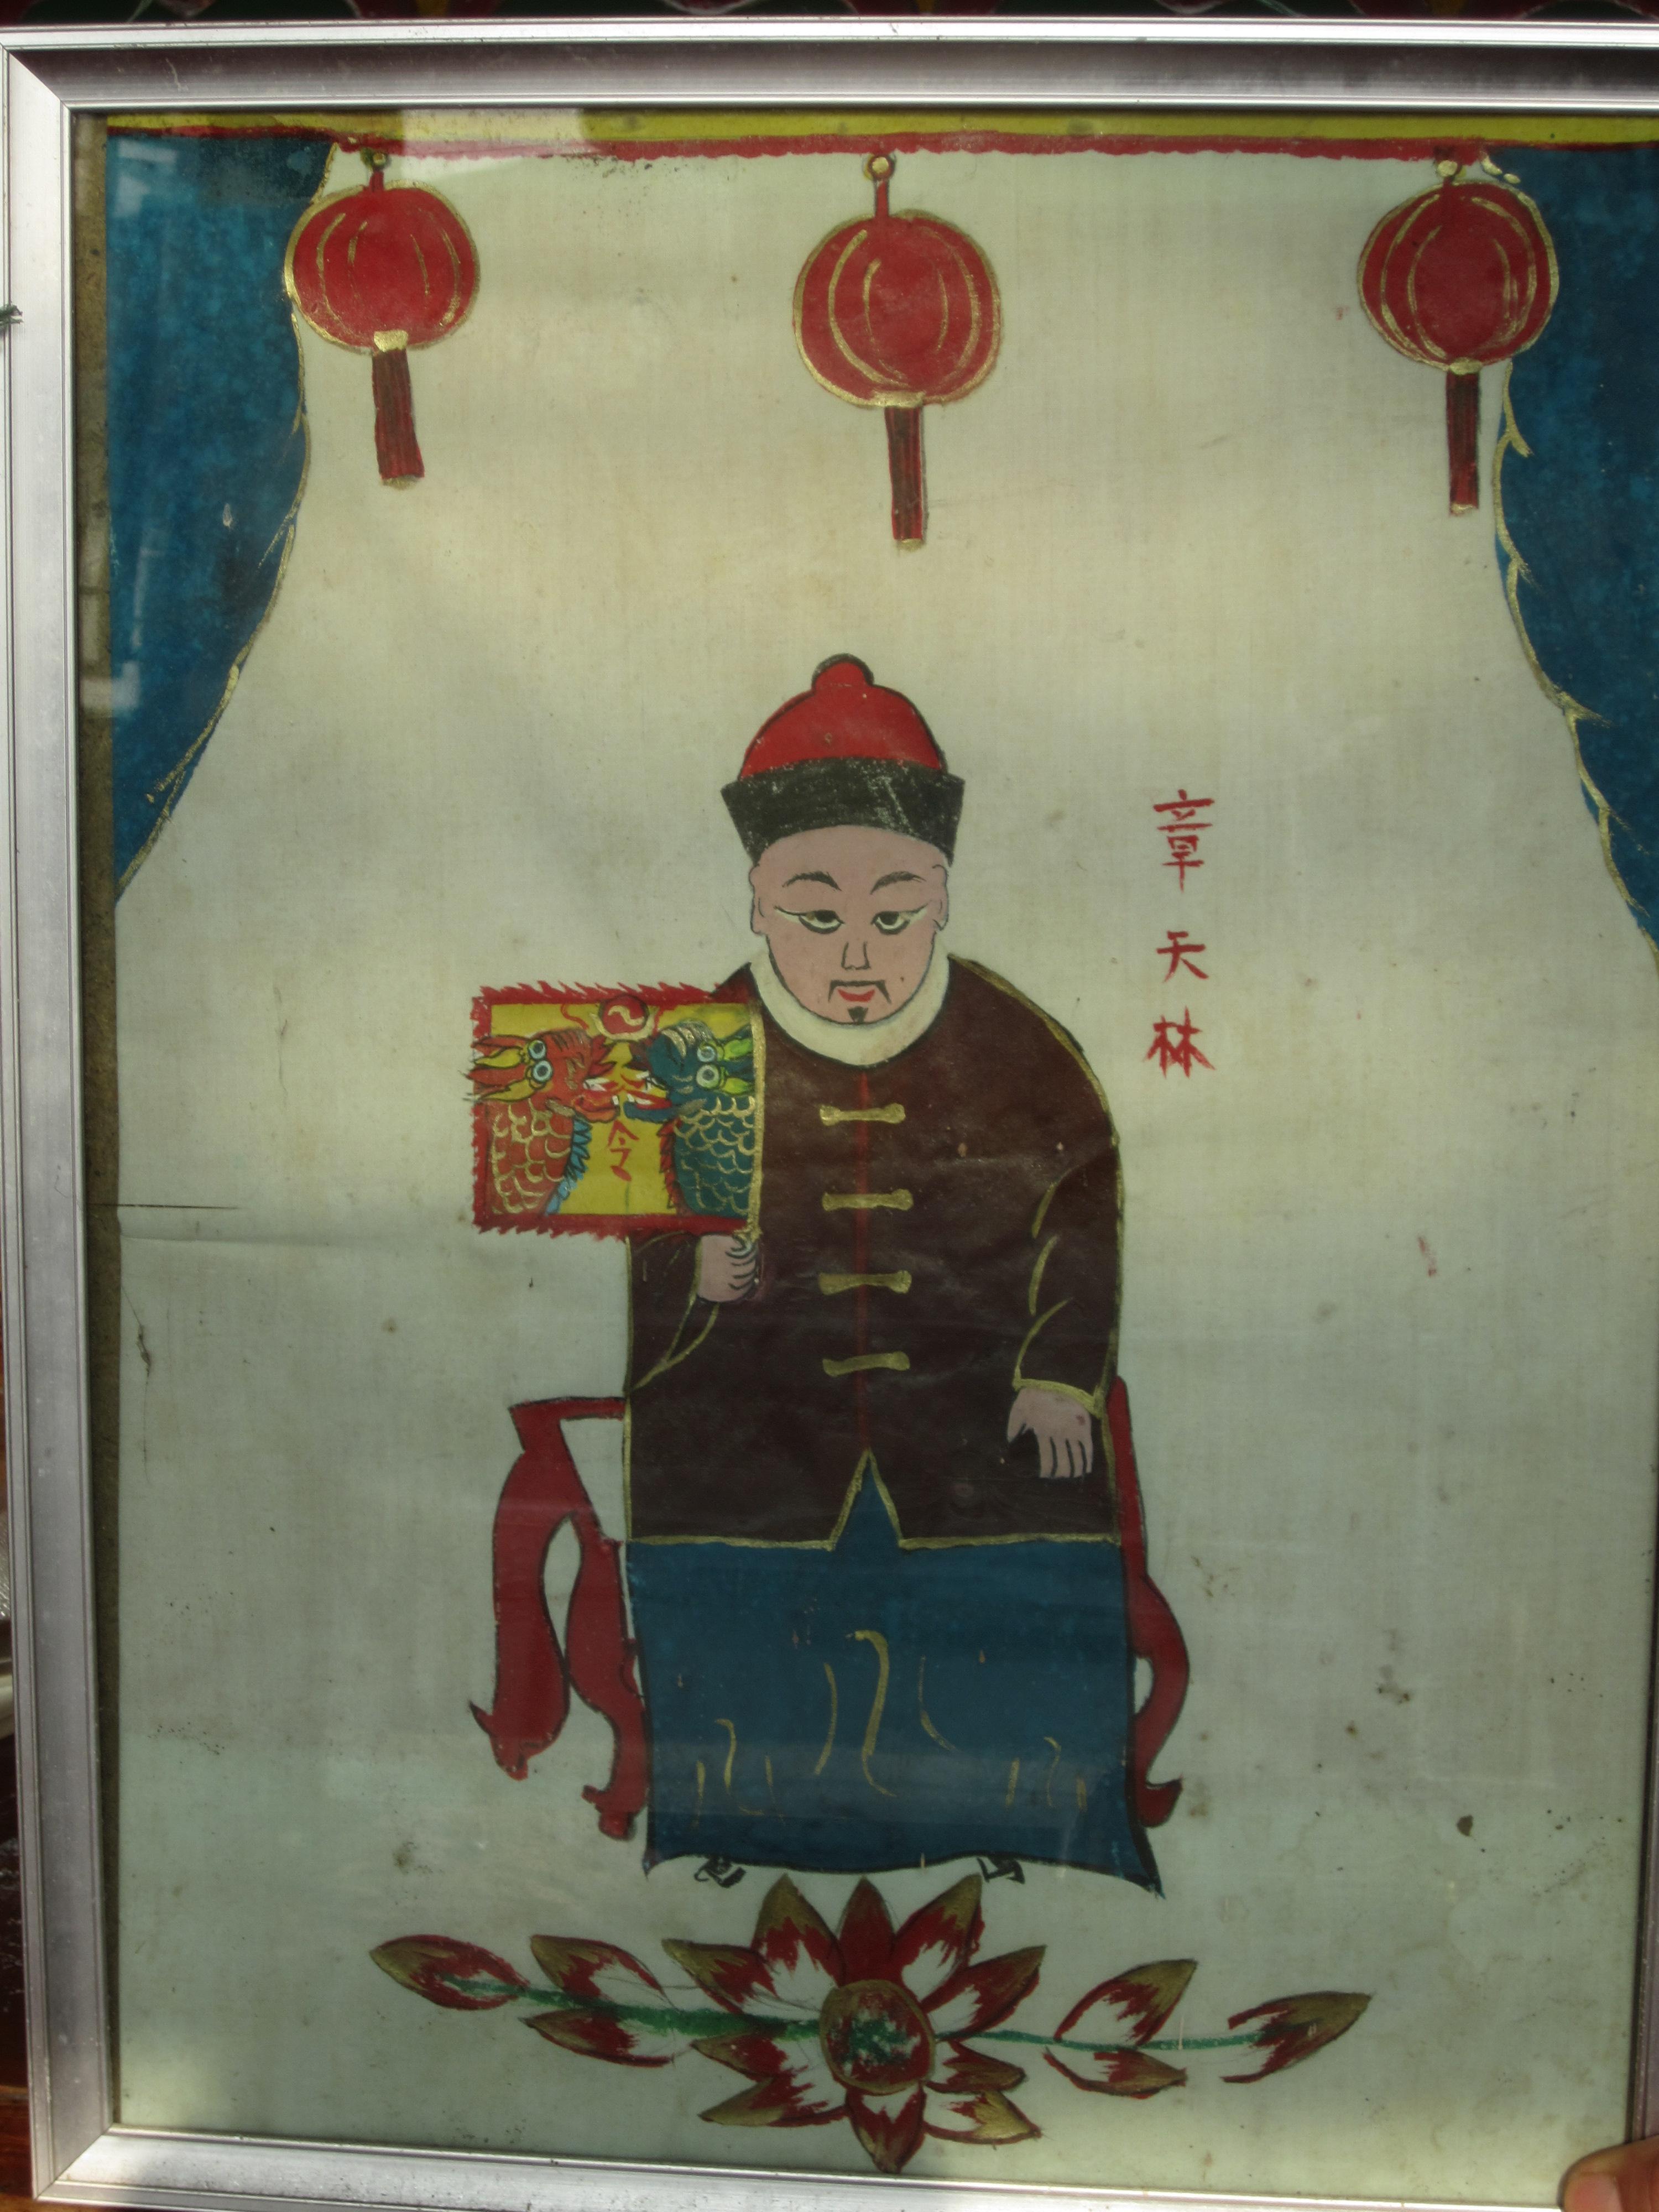 香会领袖章天林像